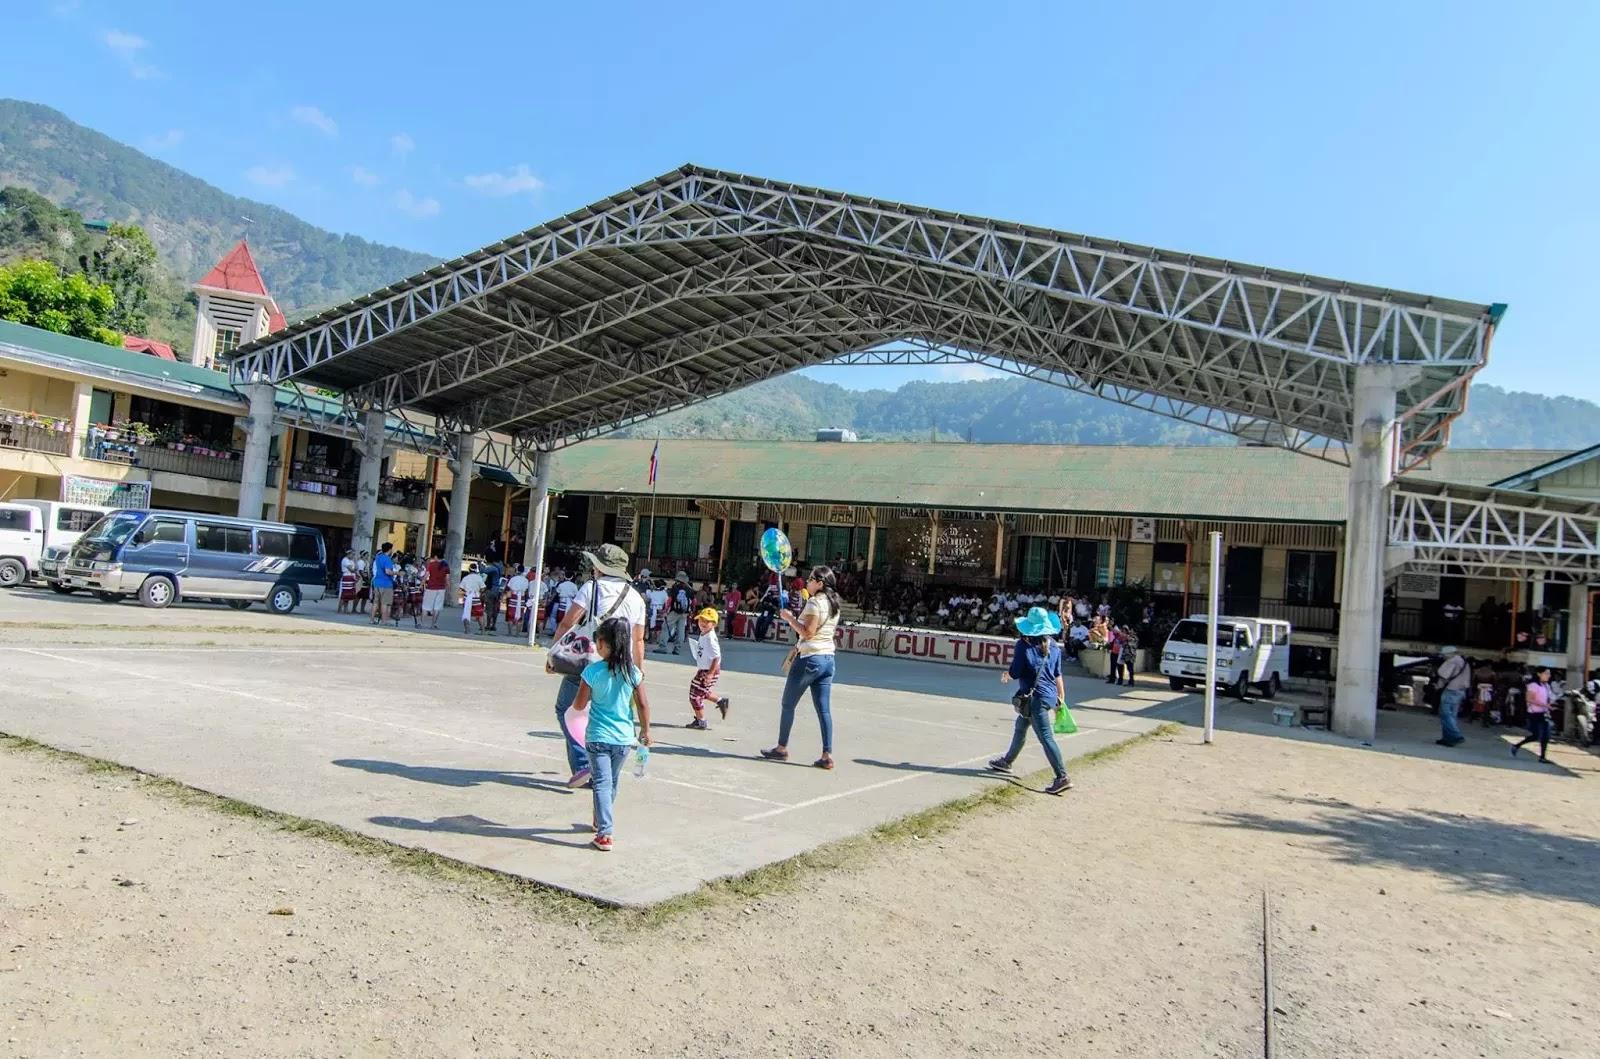 Bontoc Central School Mountain Province Cordillera Administrative Region Philippines